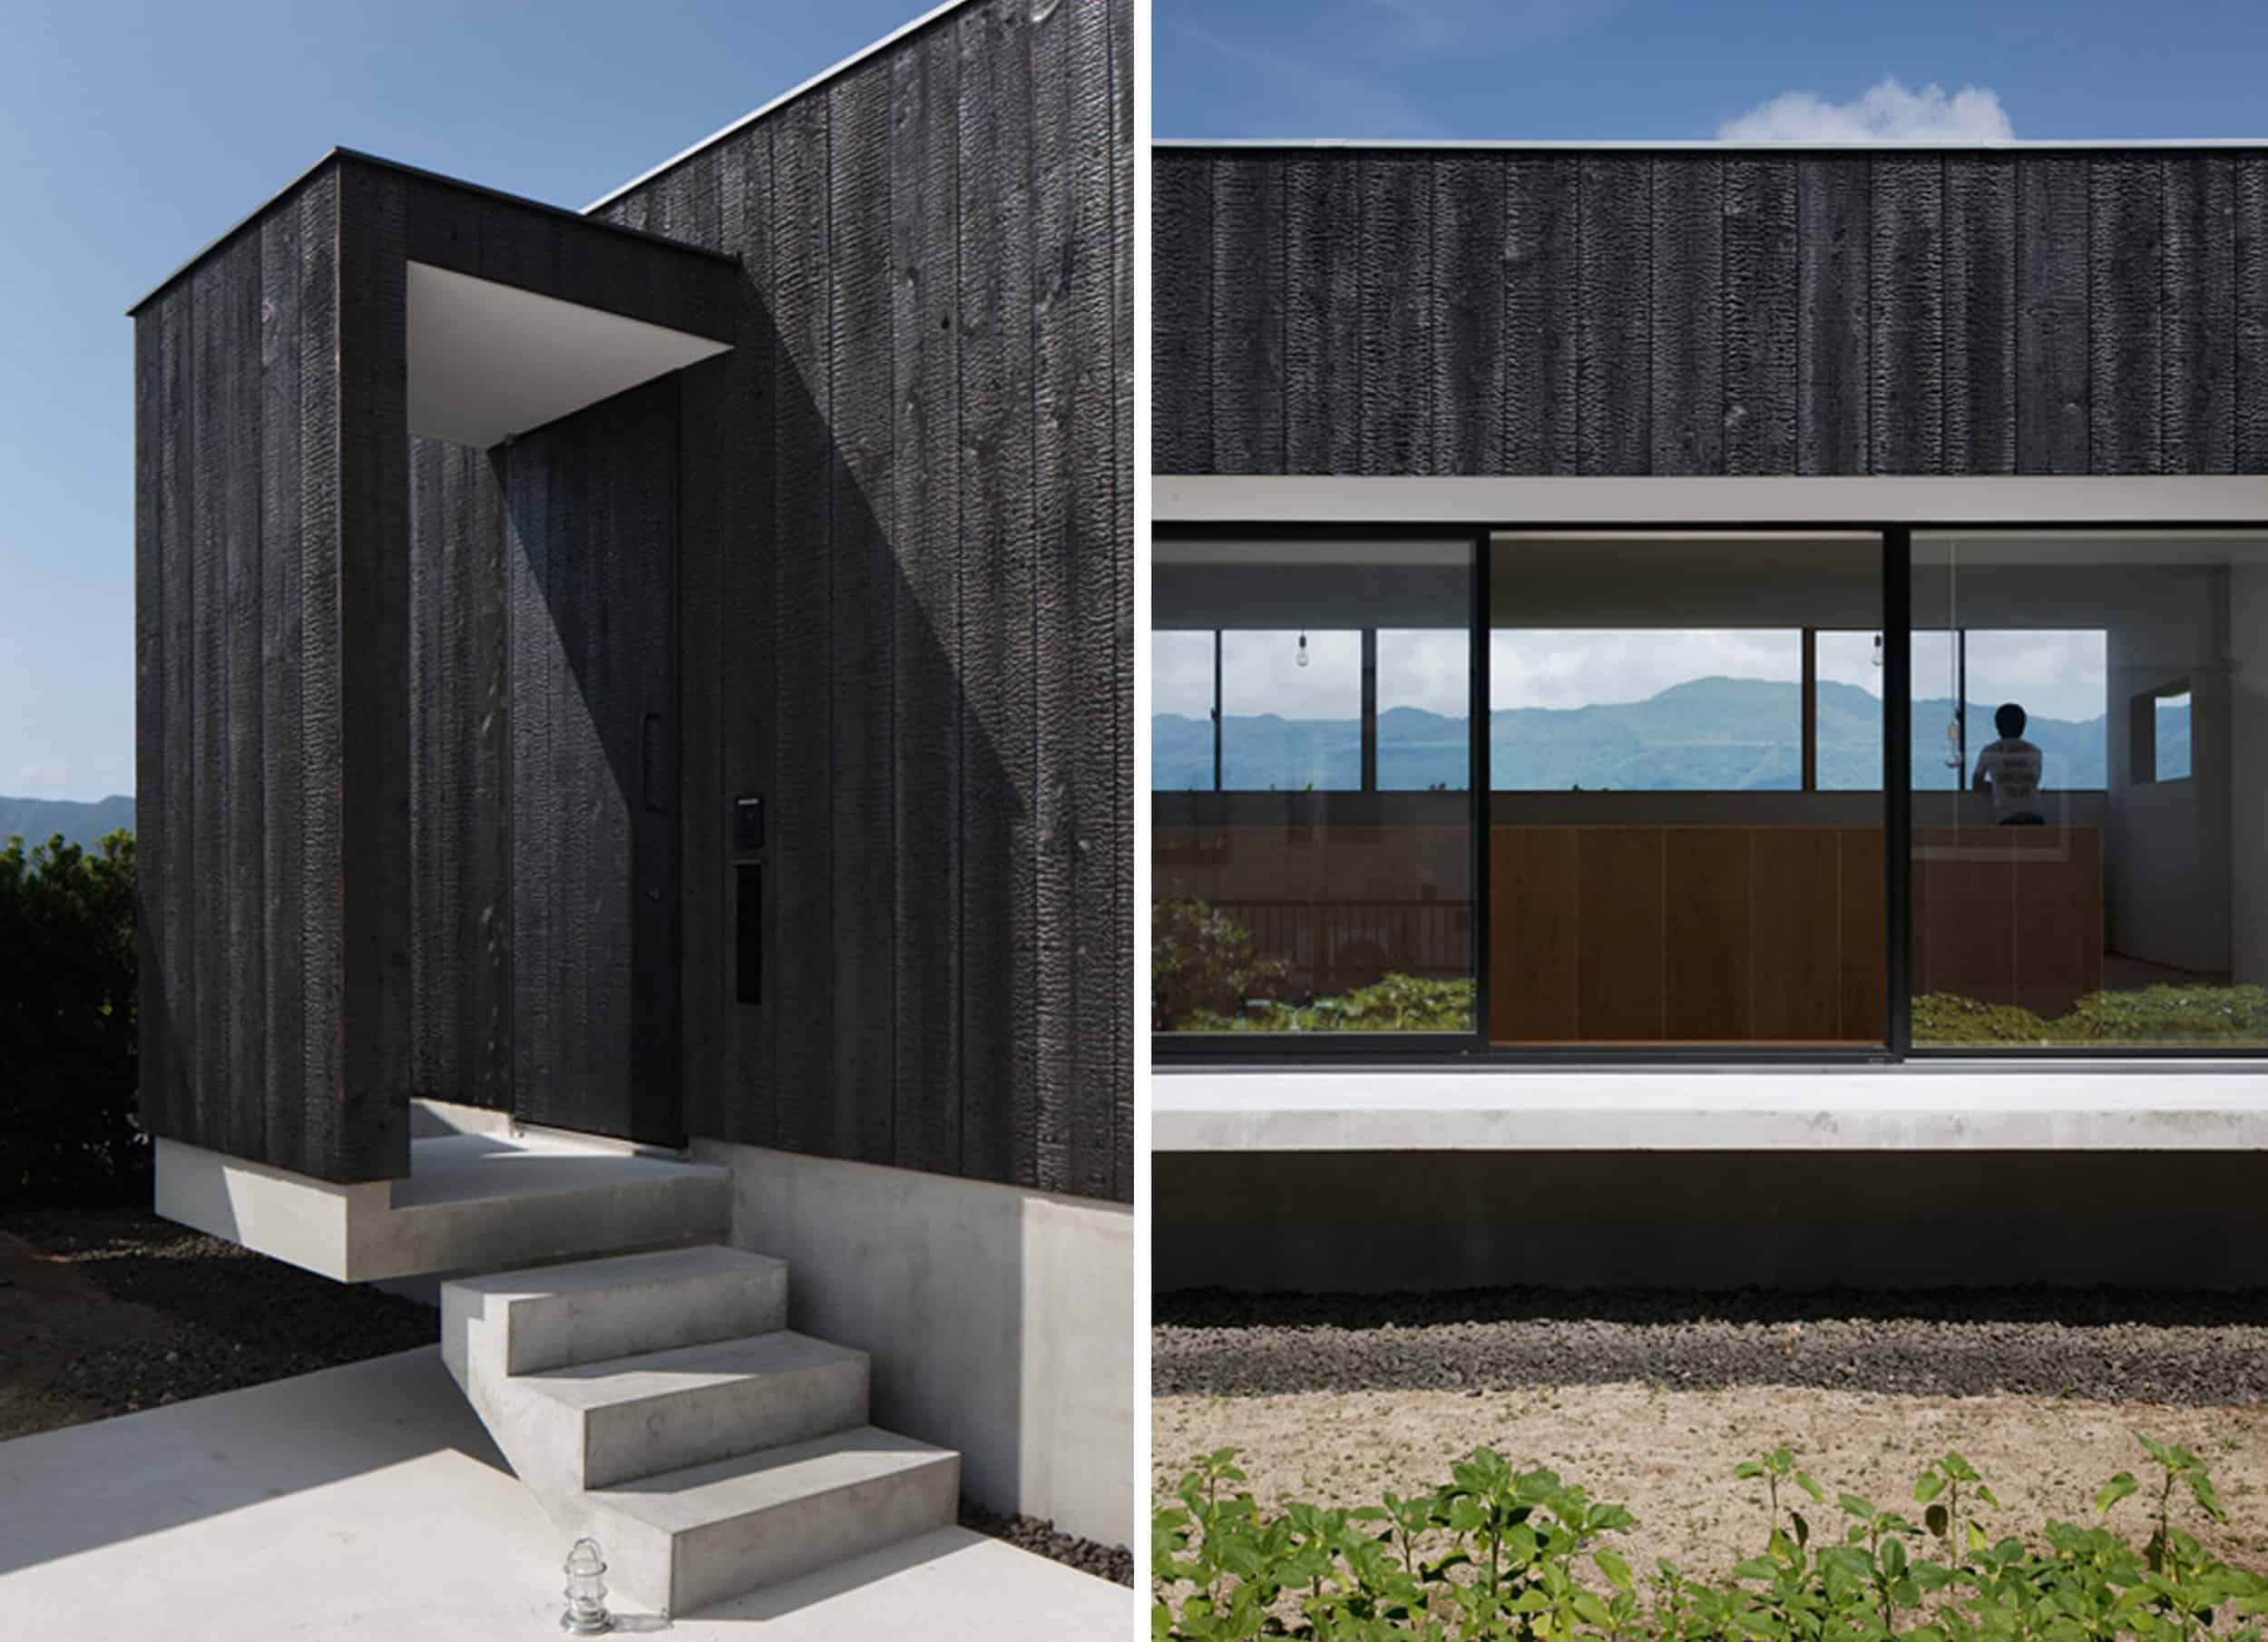 Shou Sugi Ban Black Wood Modern Exterior